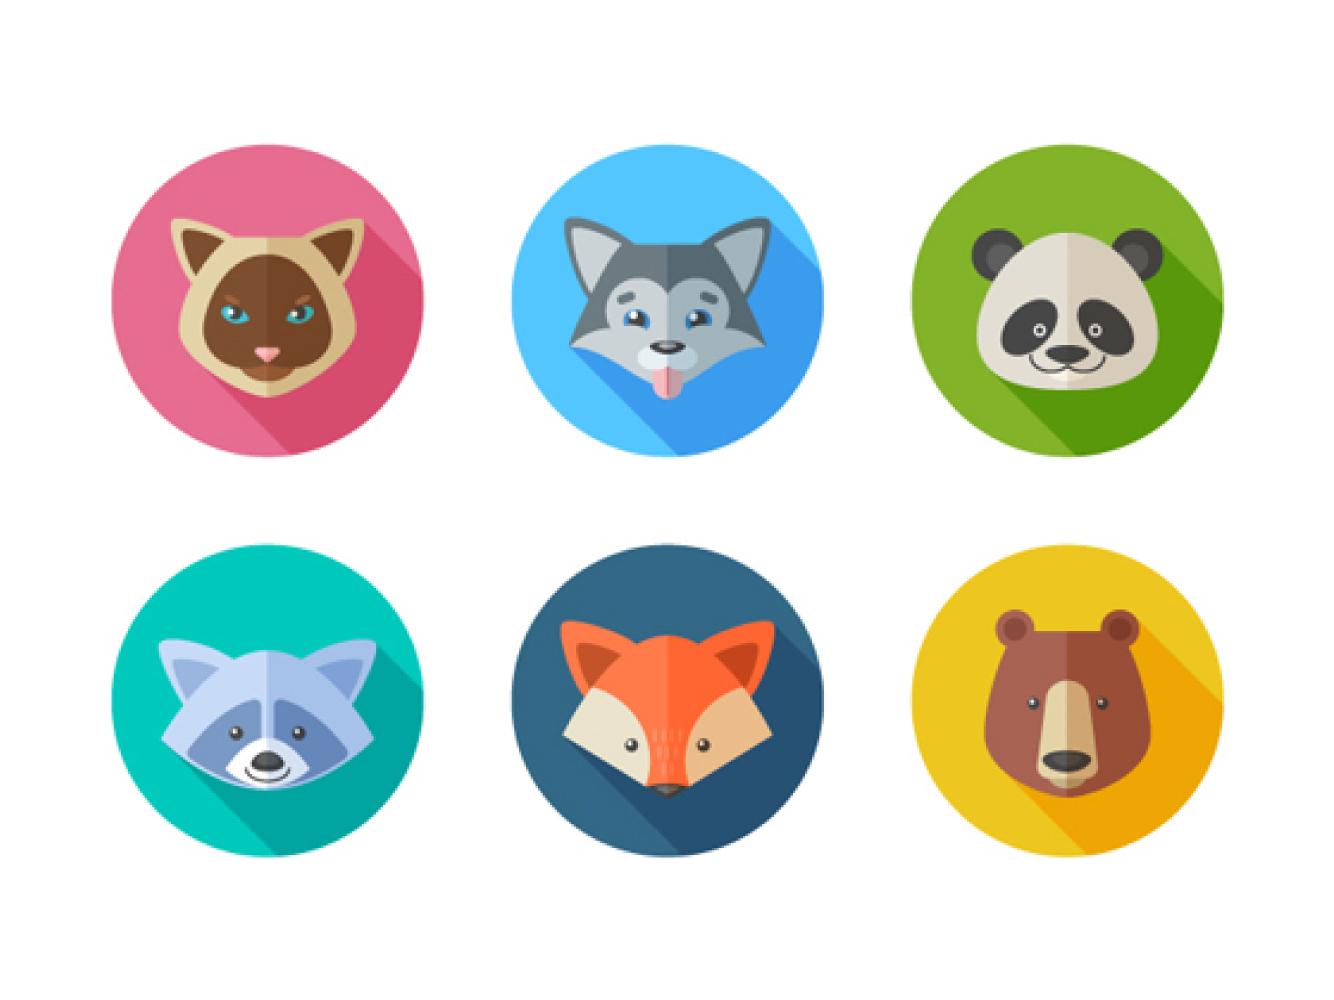 怎样快速的在Adobe Illustrator中绘制一组创意的动物图标